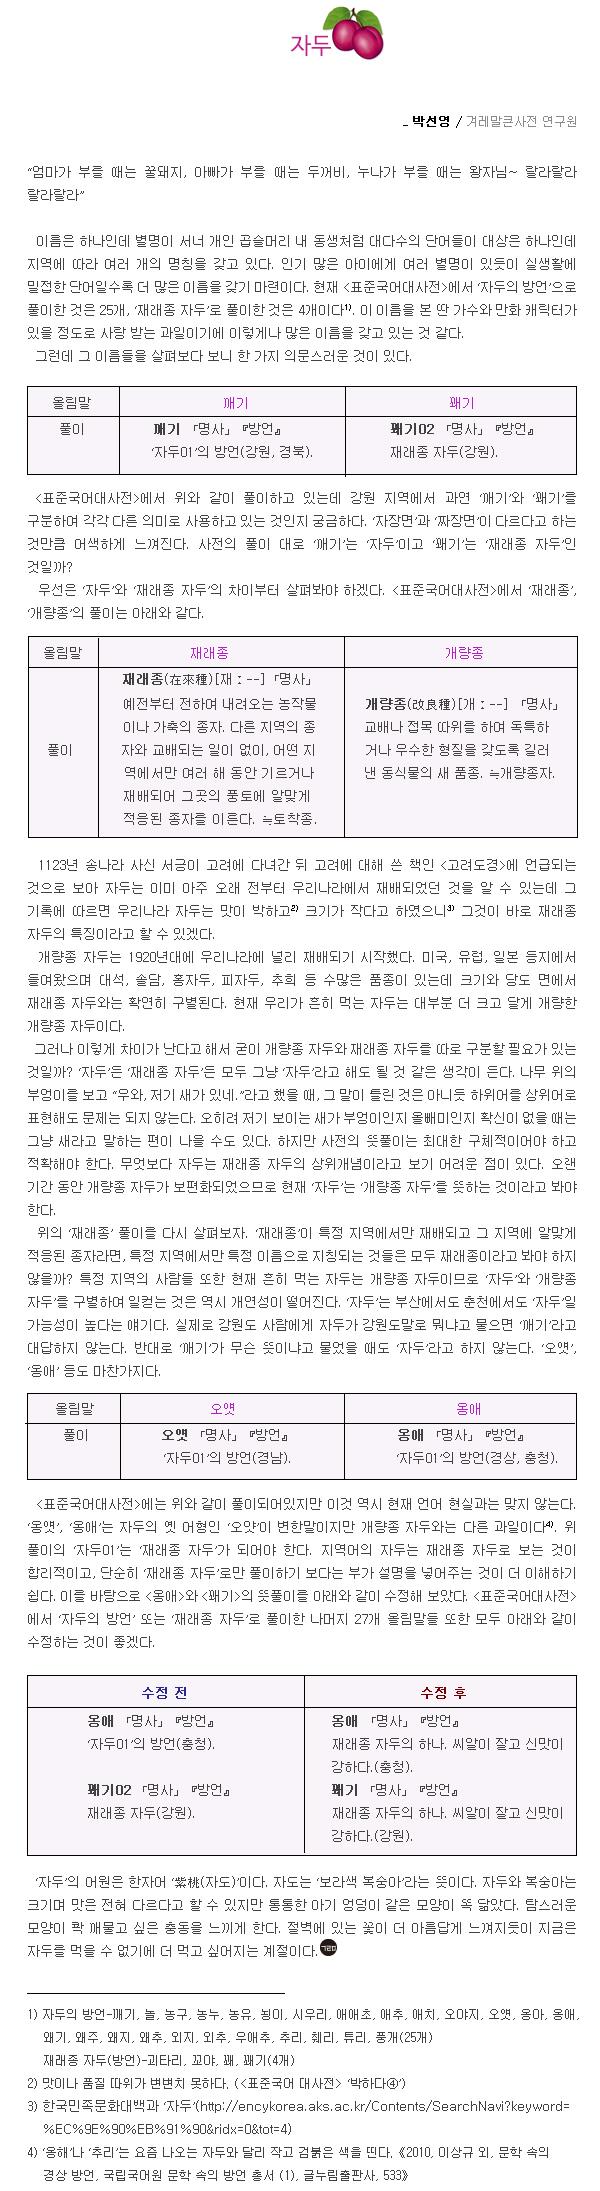 뜻풀이-깁고-더하기_자두_박선영_190107.jpg